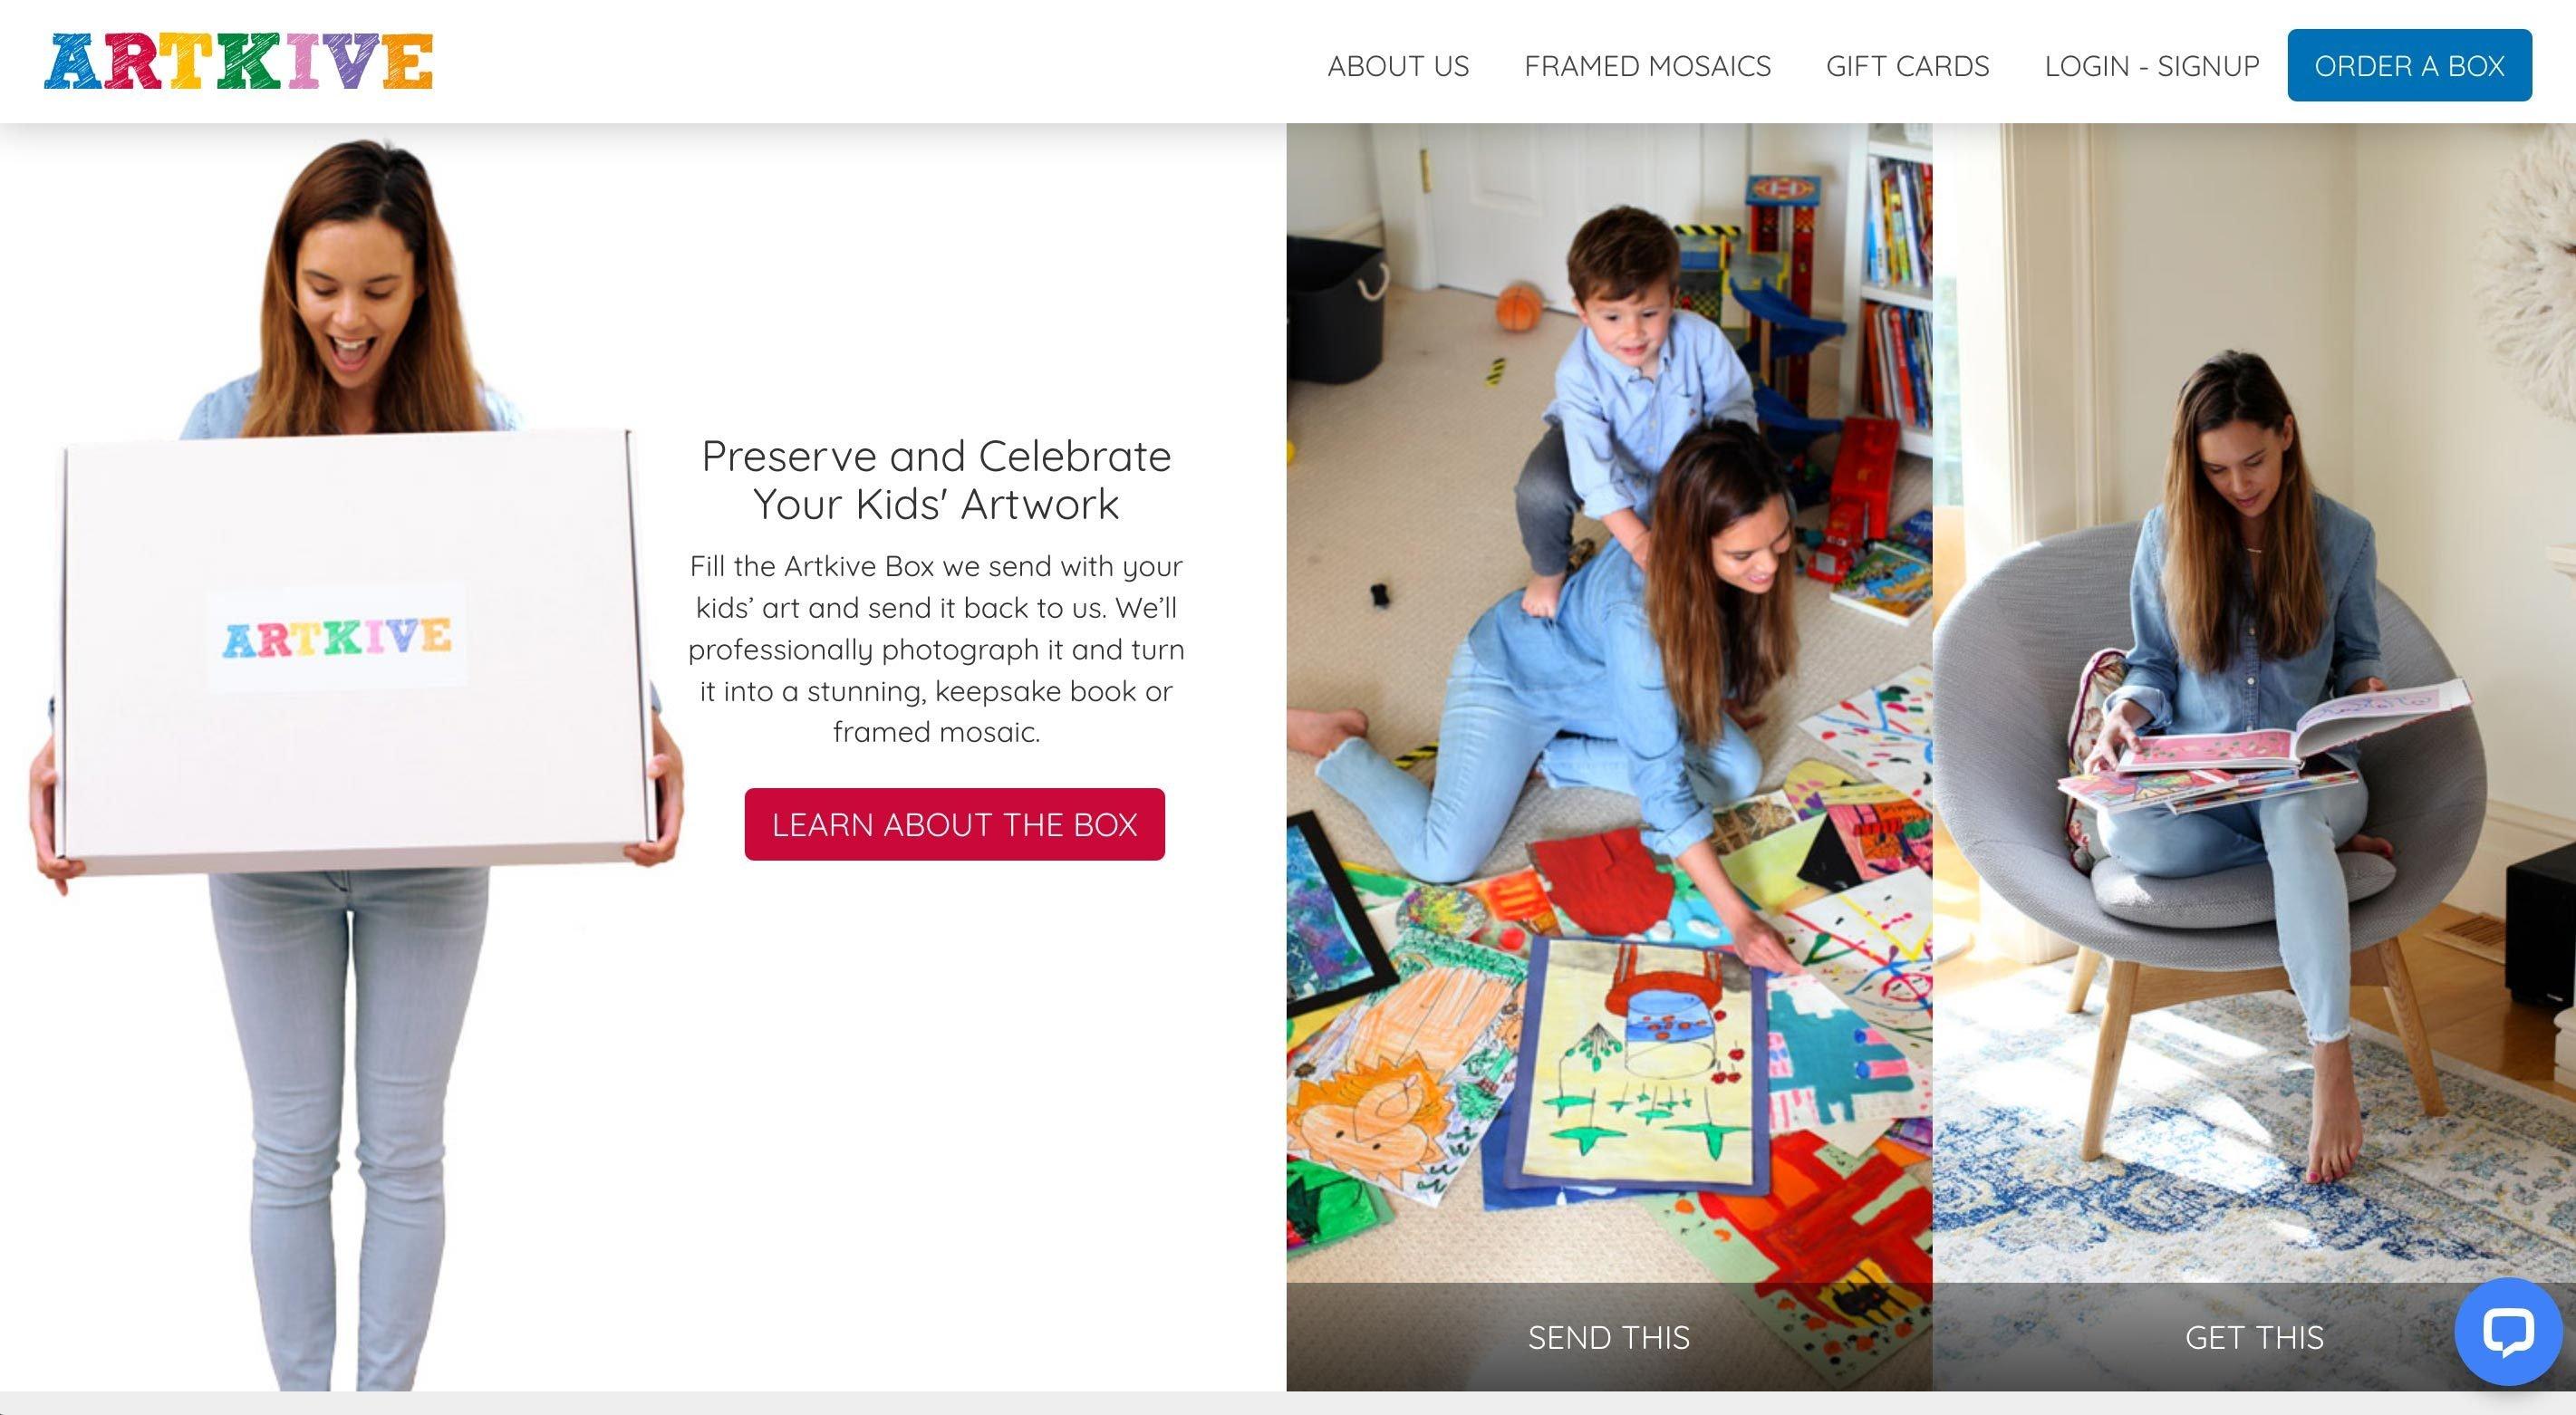 artkive homepage